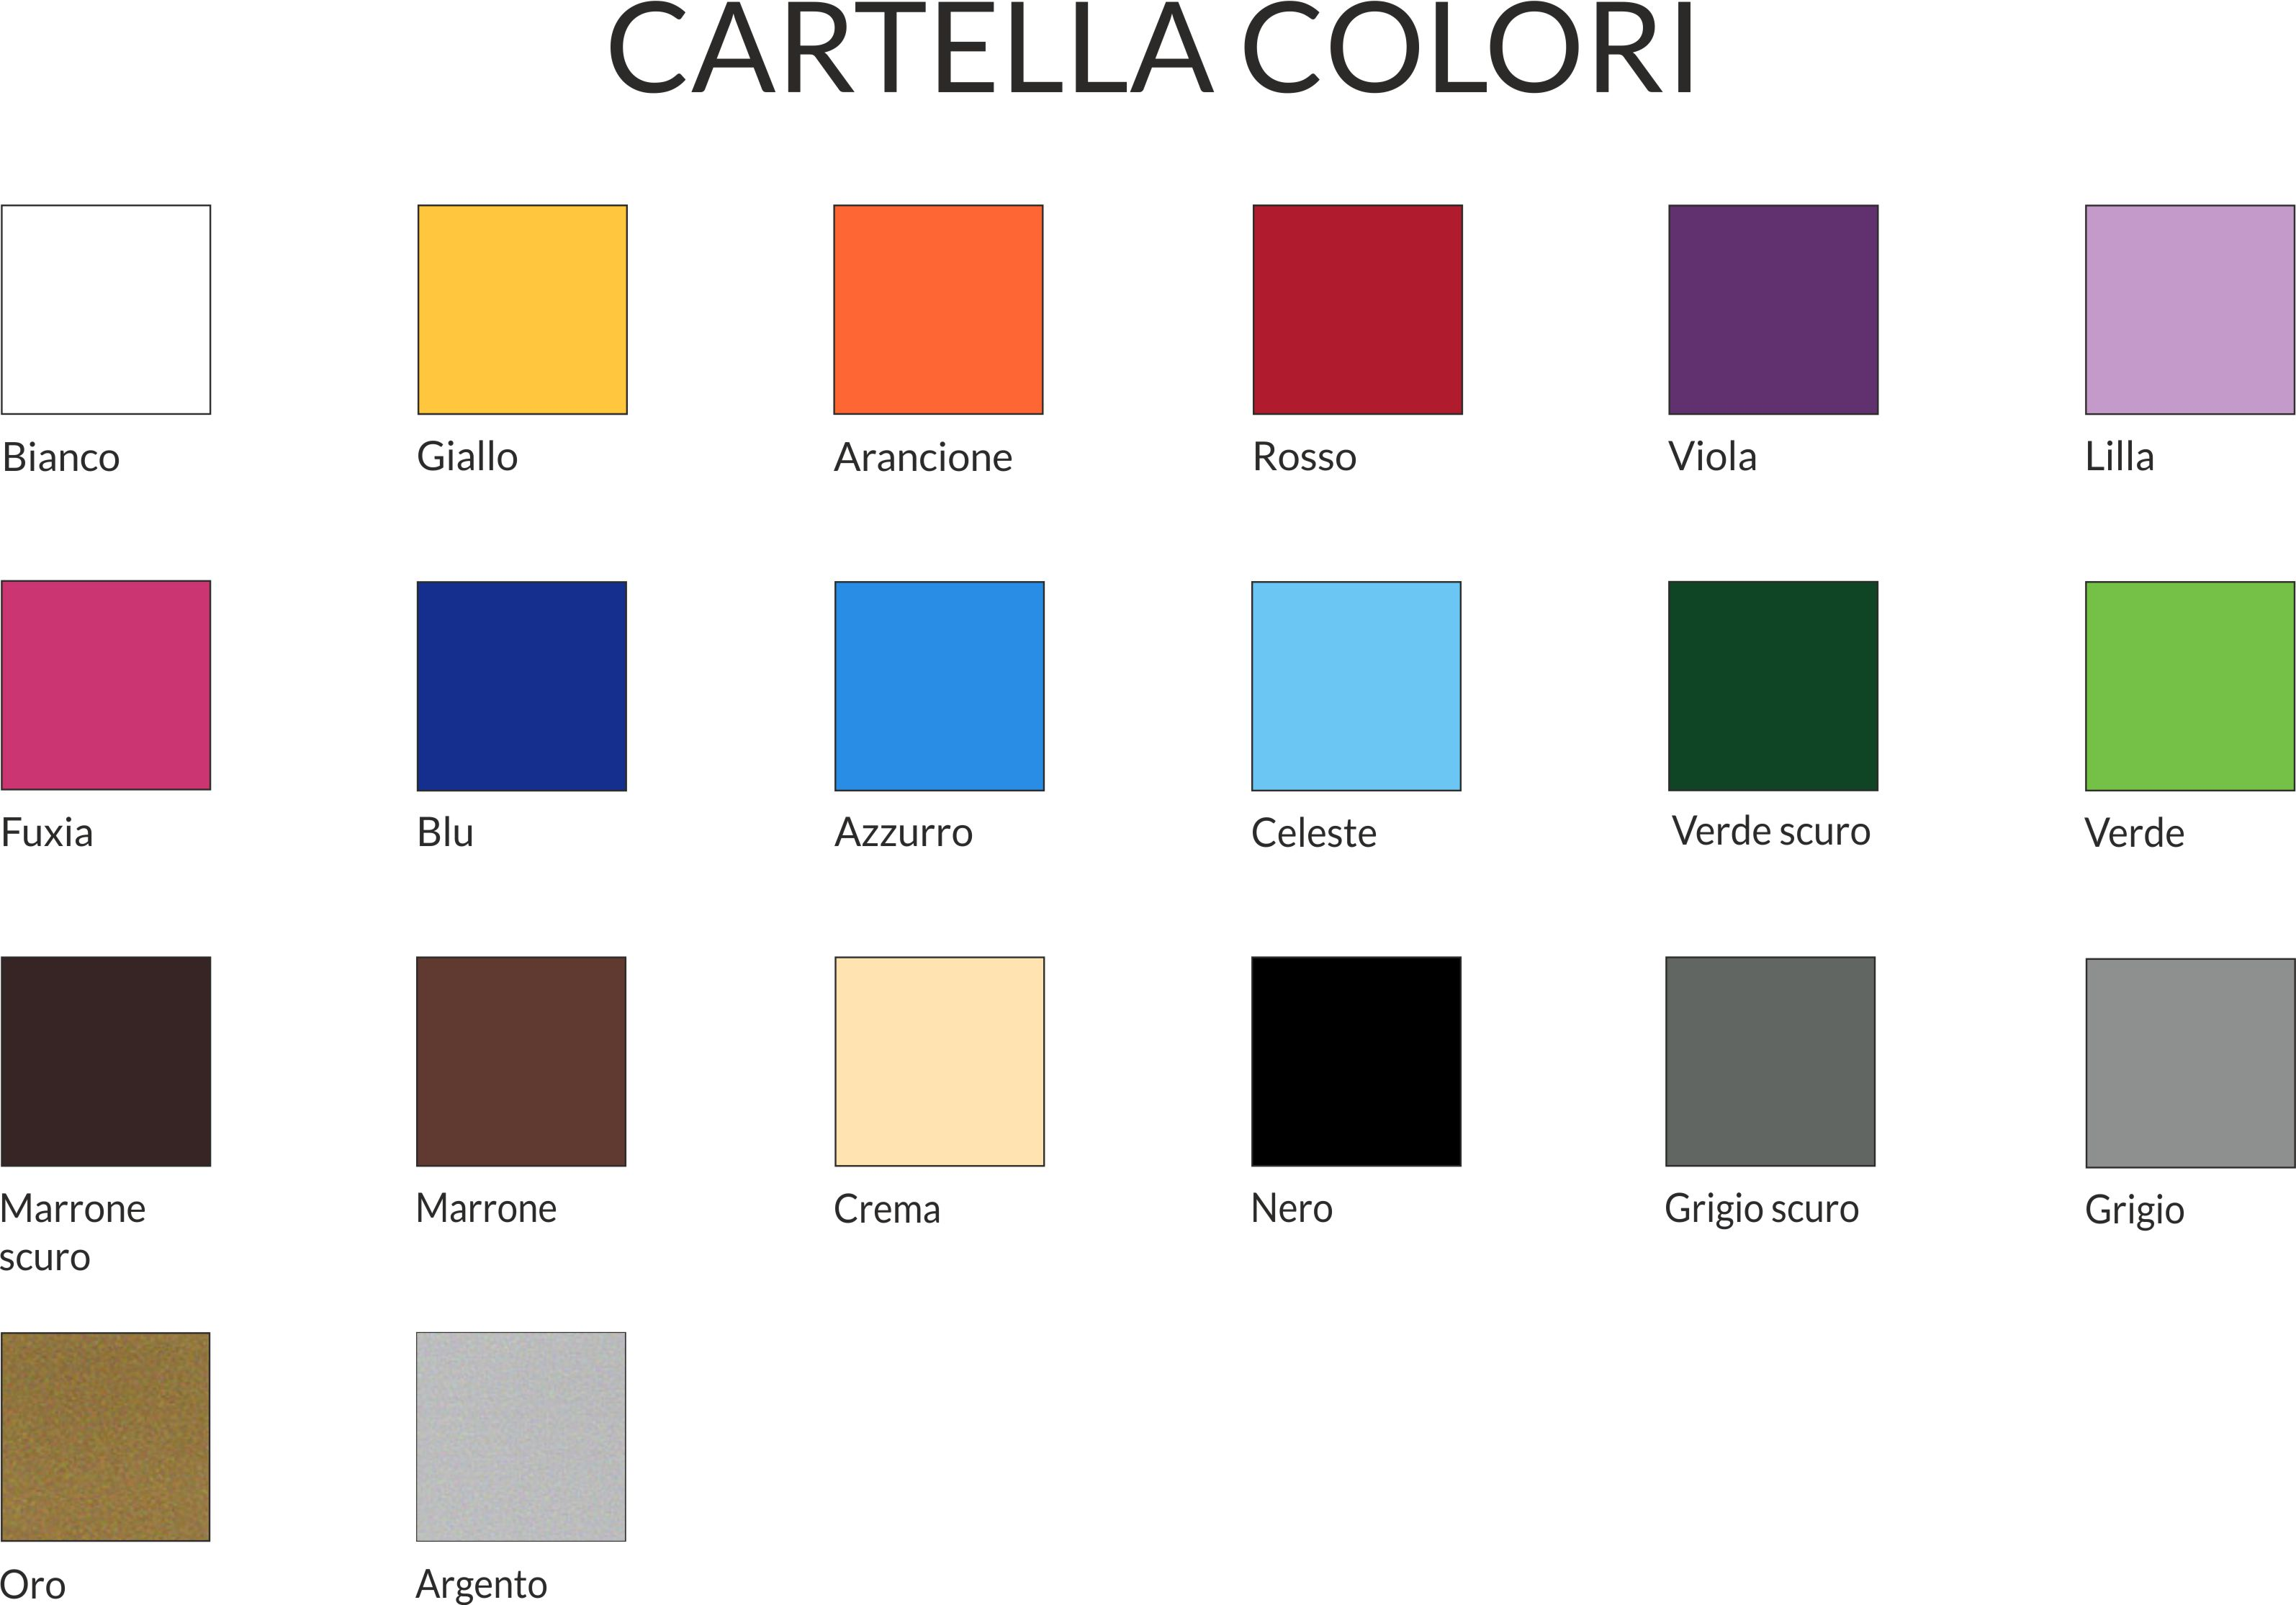 Catalogo colori per pareti interne for Cartella colori pareti interne